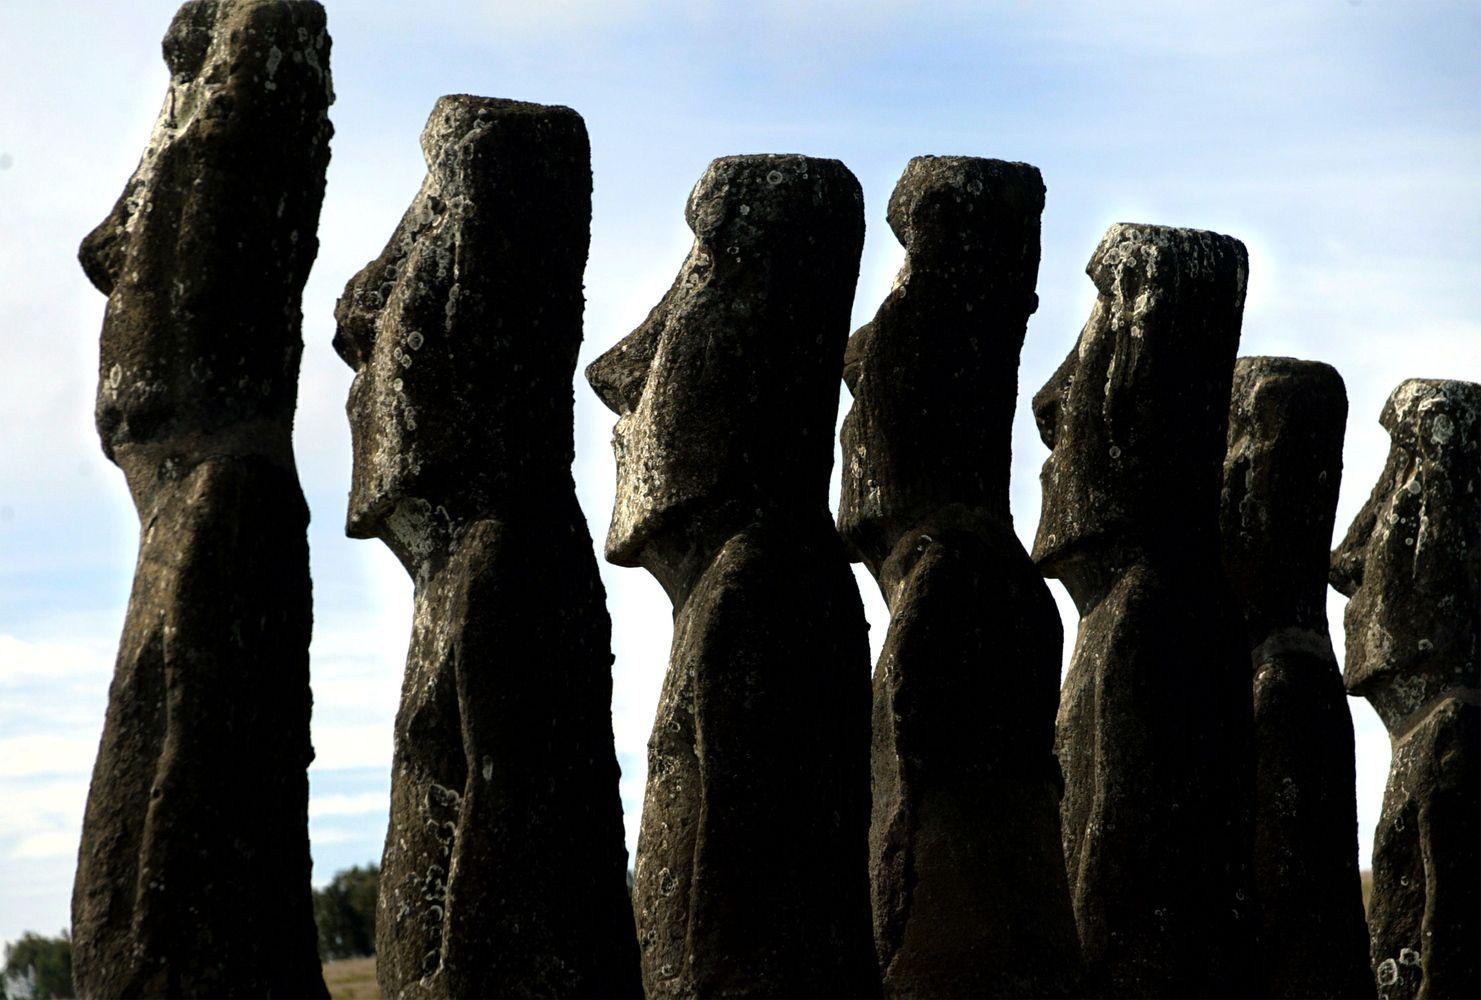 Iliustruotoji istorija: Velykų salos skulptūros vaikščiojo